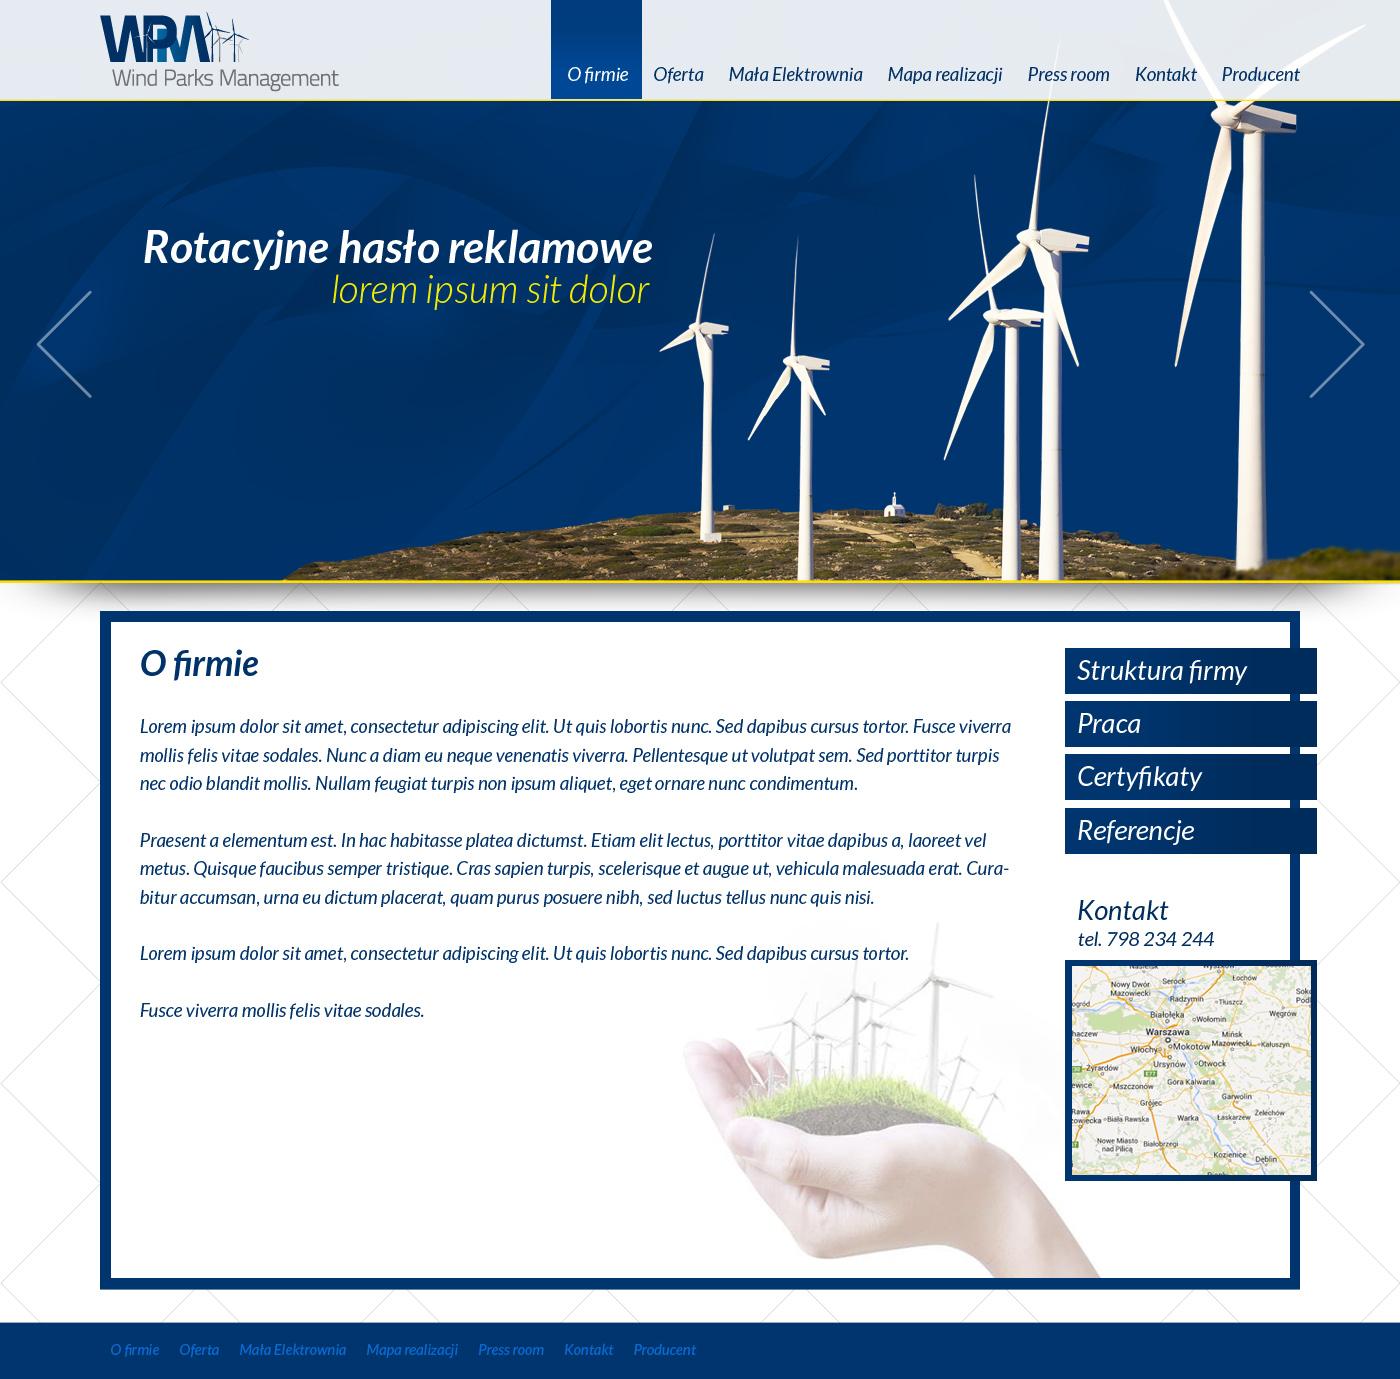 Wind Parks Managements